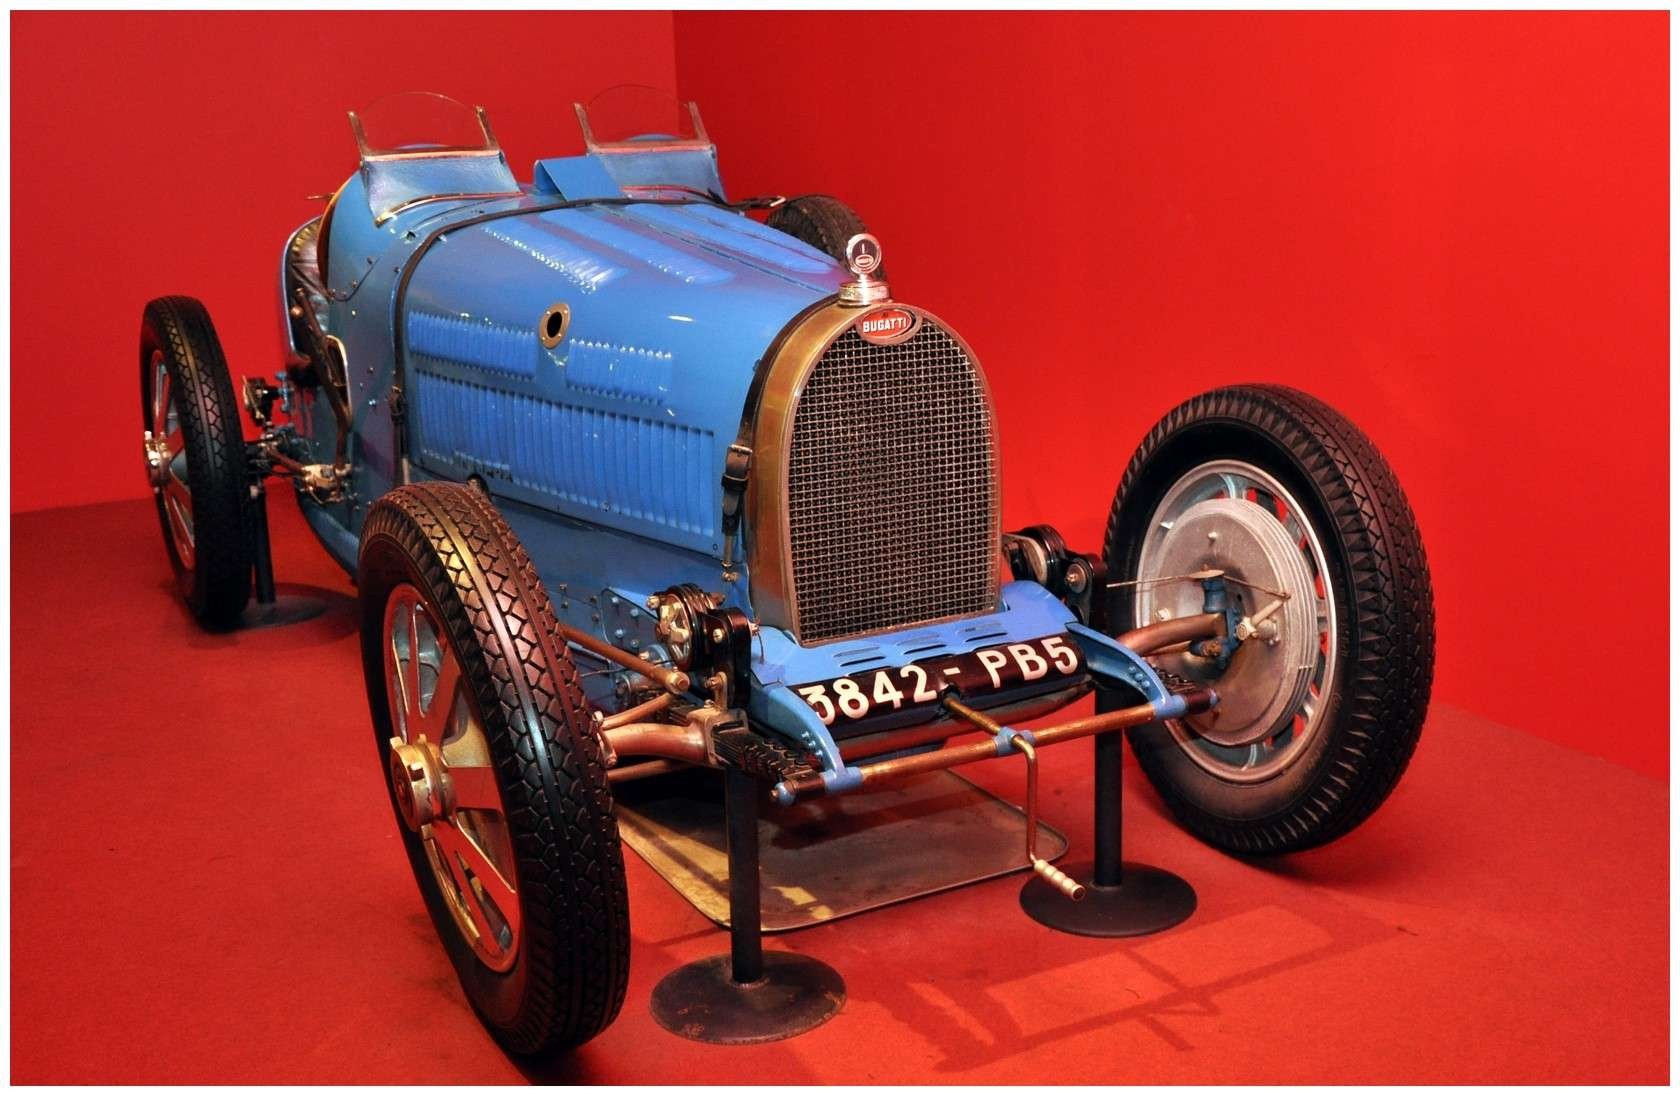 Mulhouse: La Cité de l' automobile, the largest car museum in the world. Type_310